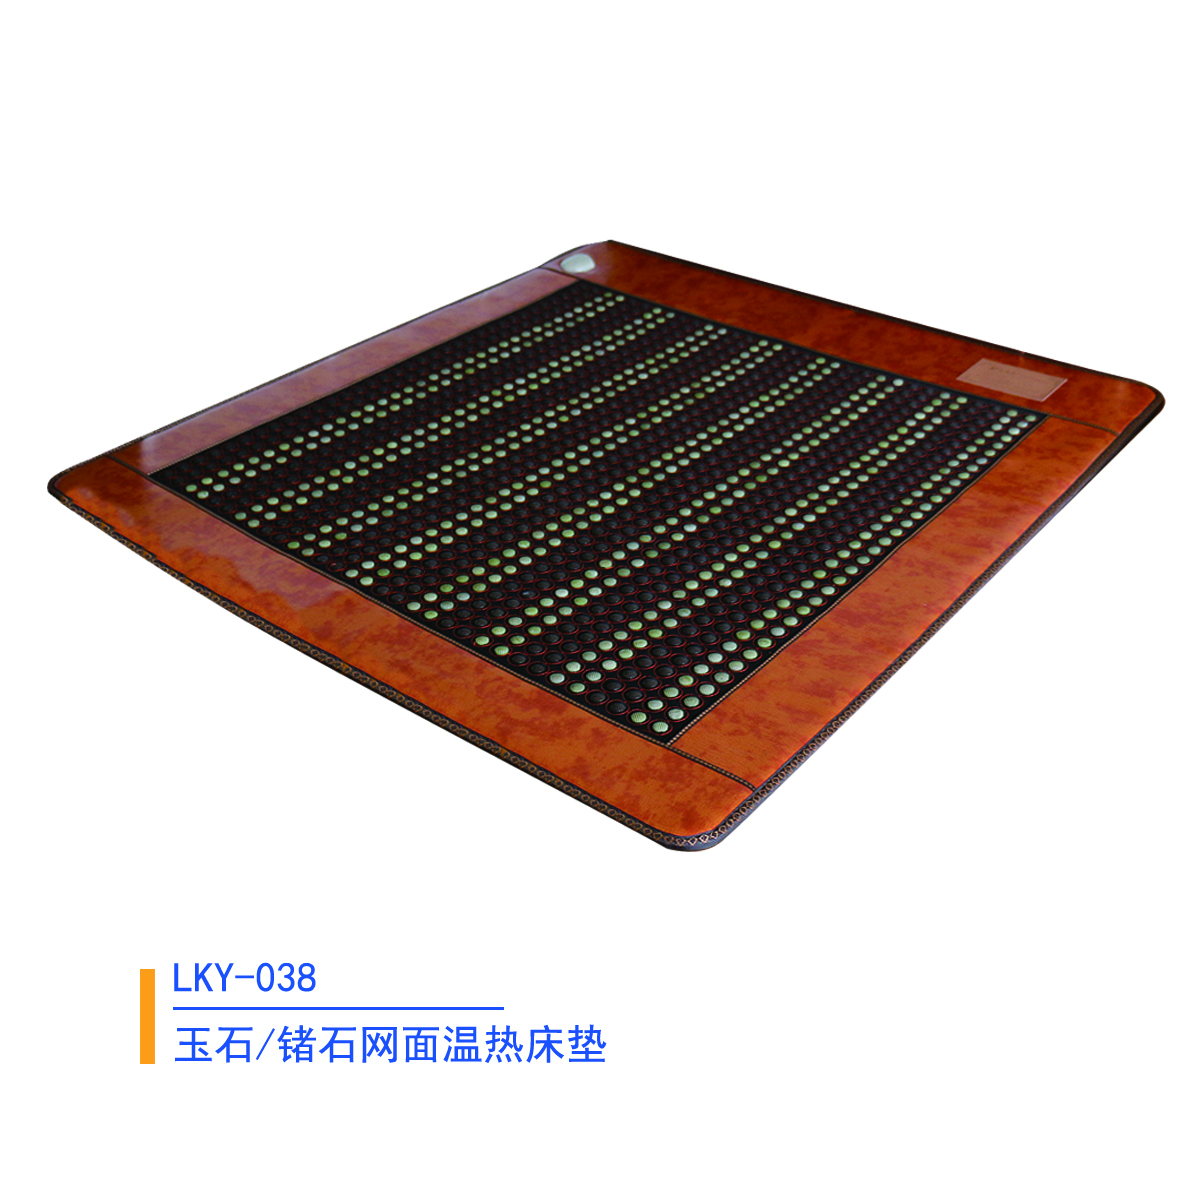 玉石锗石网面温热床垫038